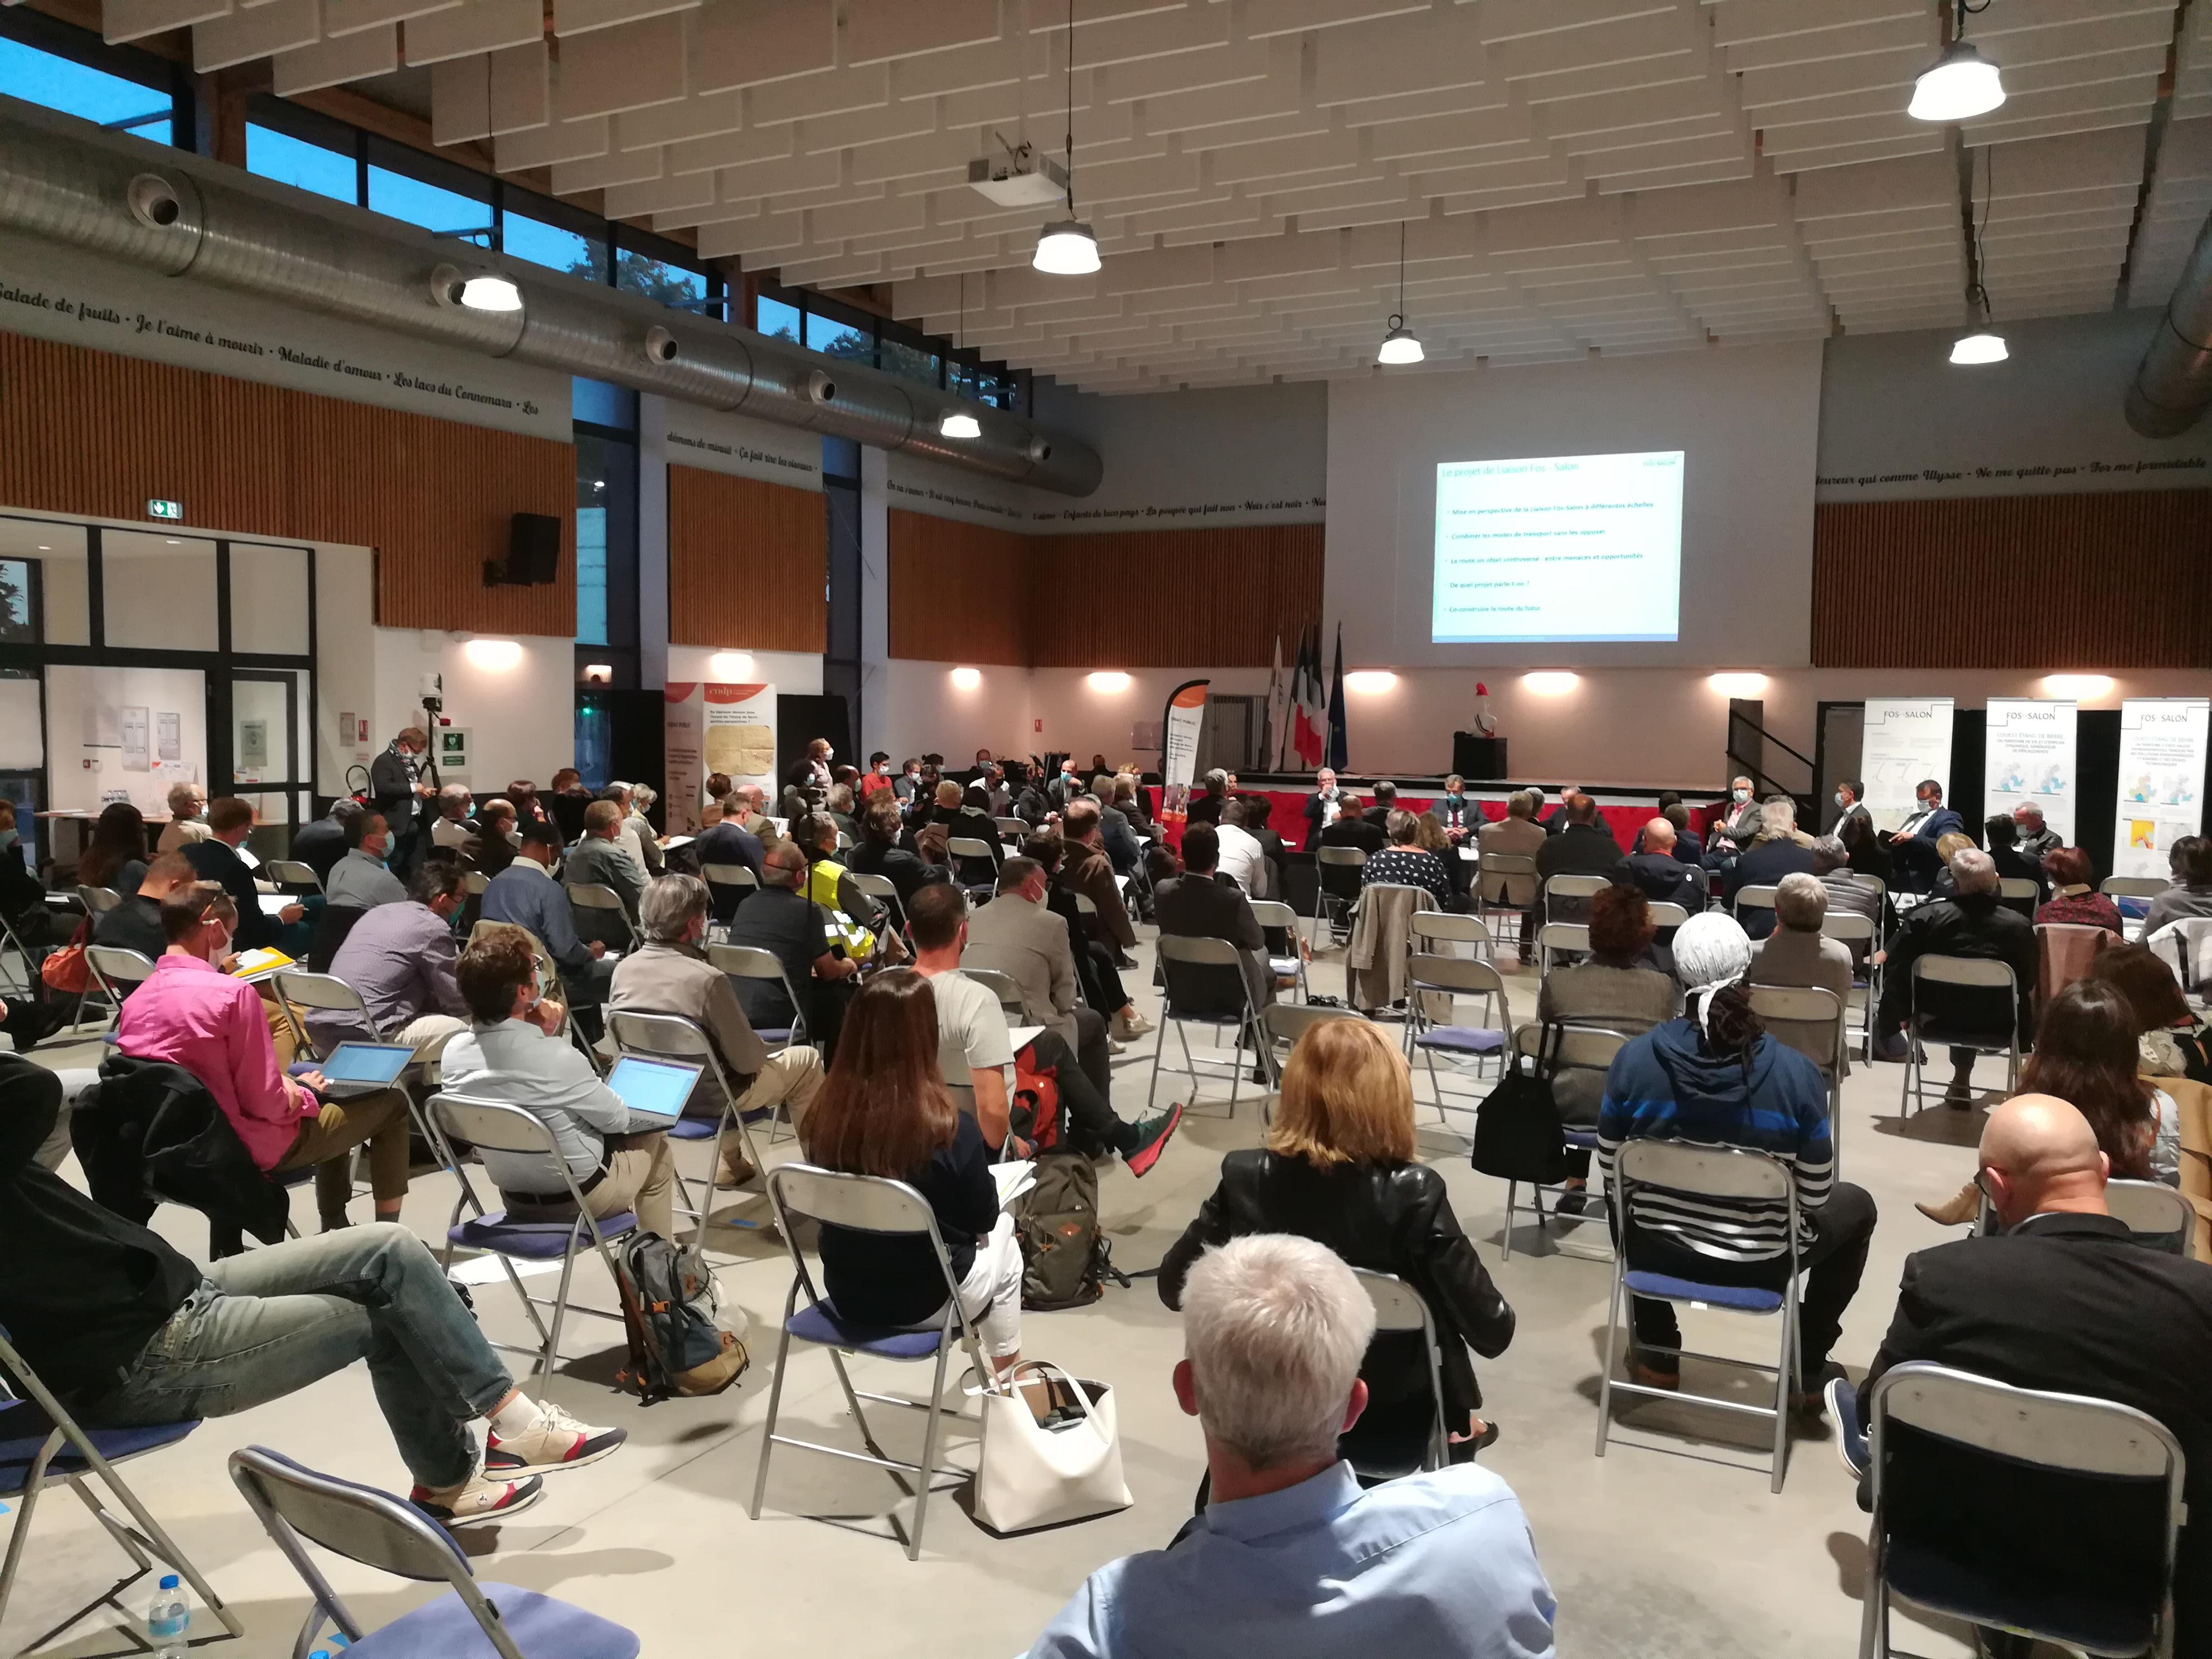 Malgré la distanciation sociale, la séance plénière a fait le plein pour débattre d'une infrastructure majeure pour l'ouest de l'étang de Berre. (Photo JC Barla)